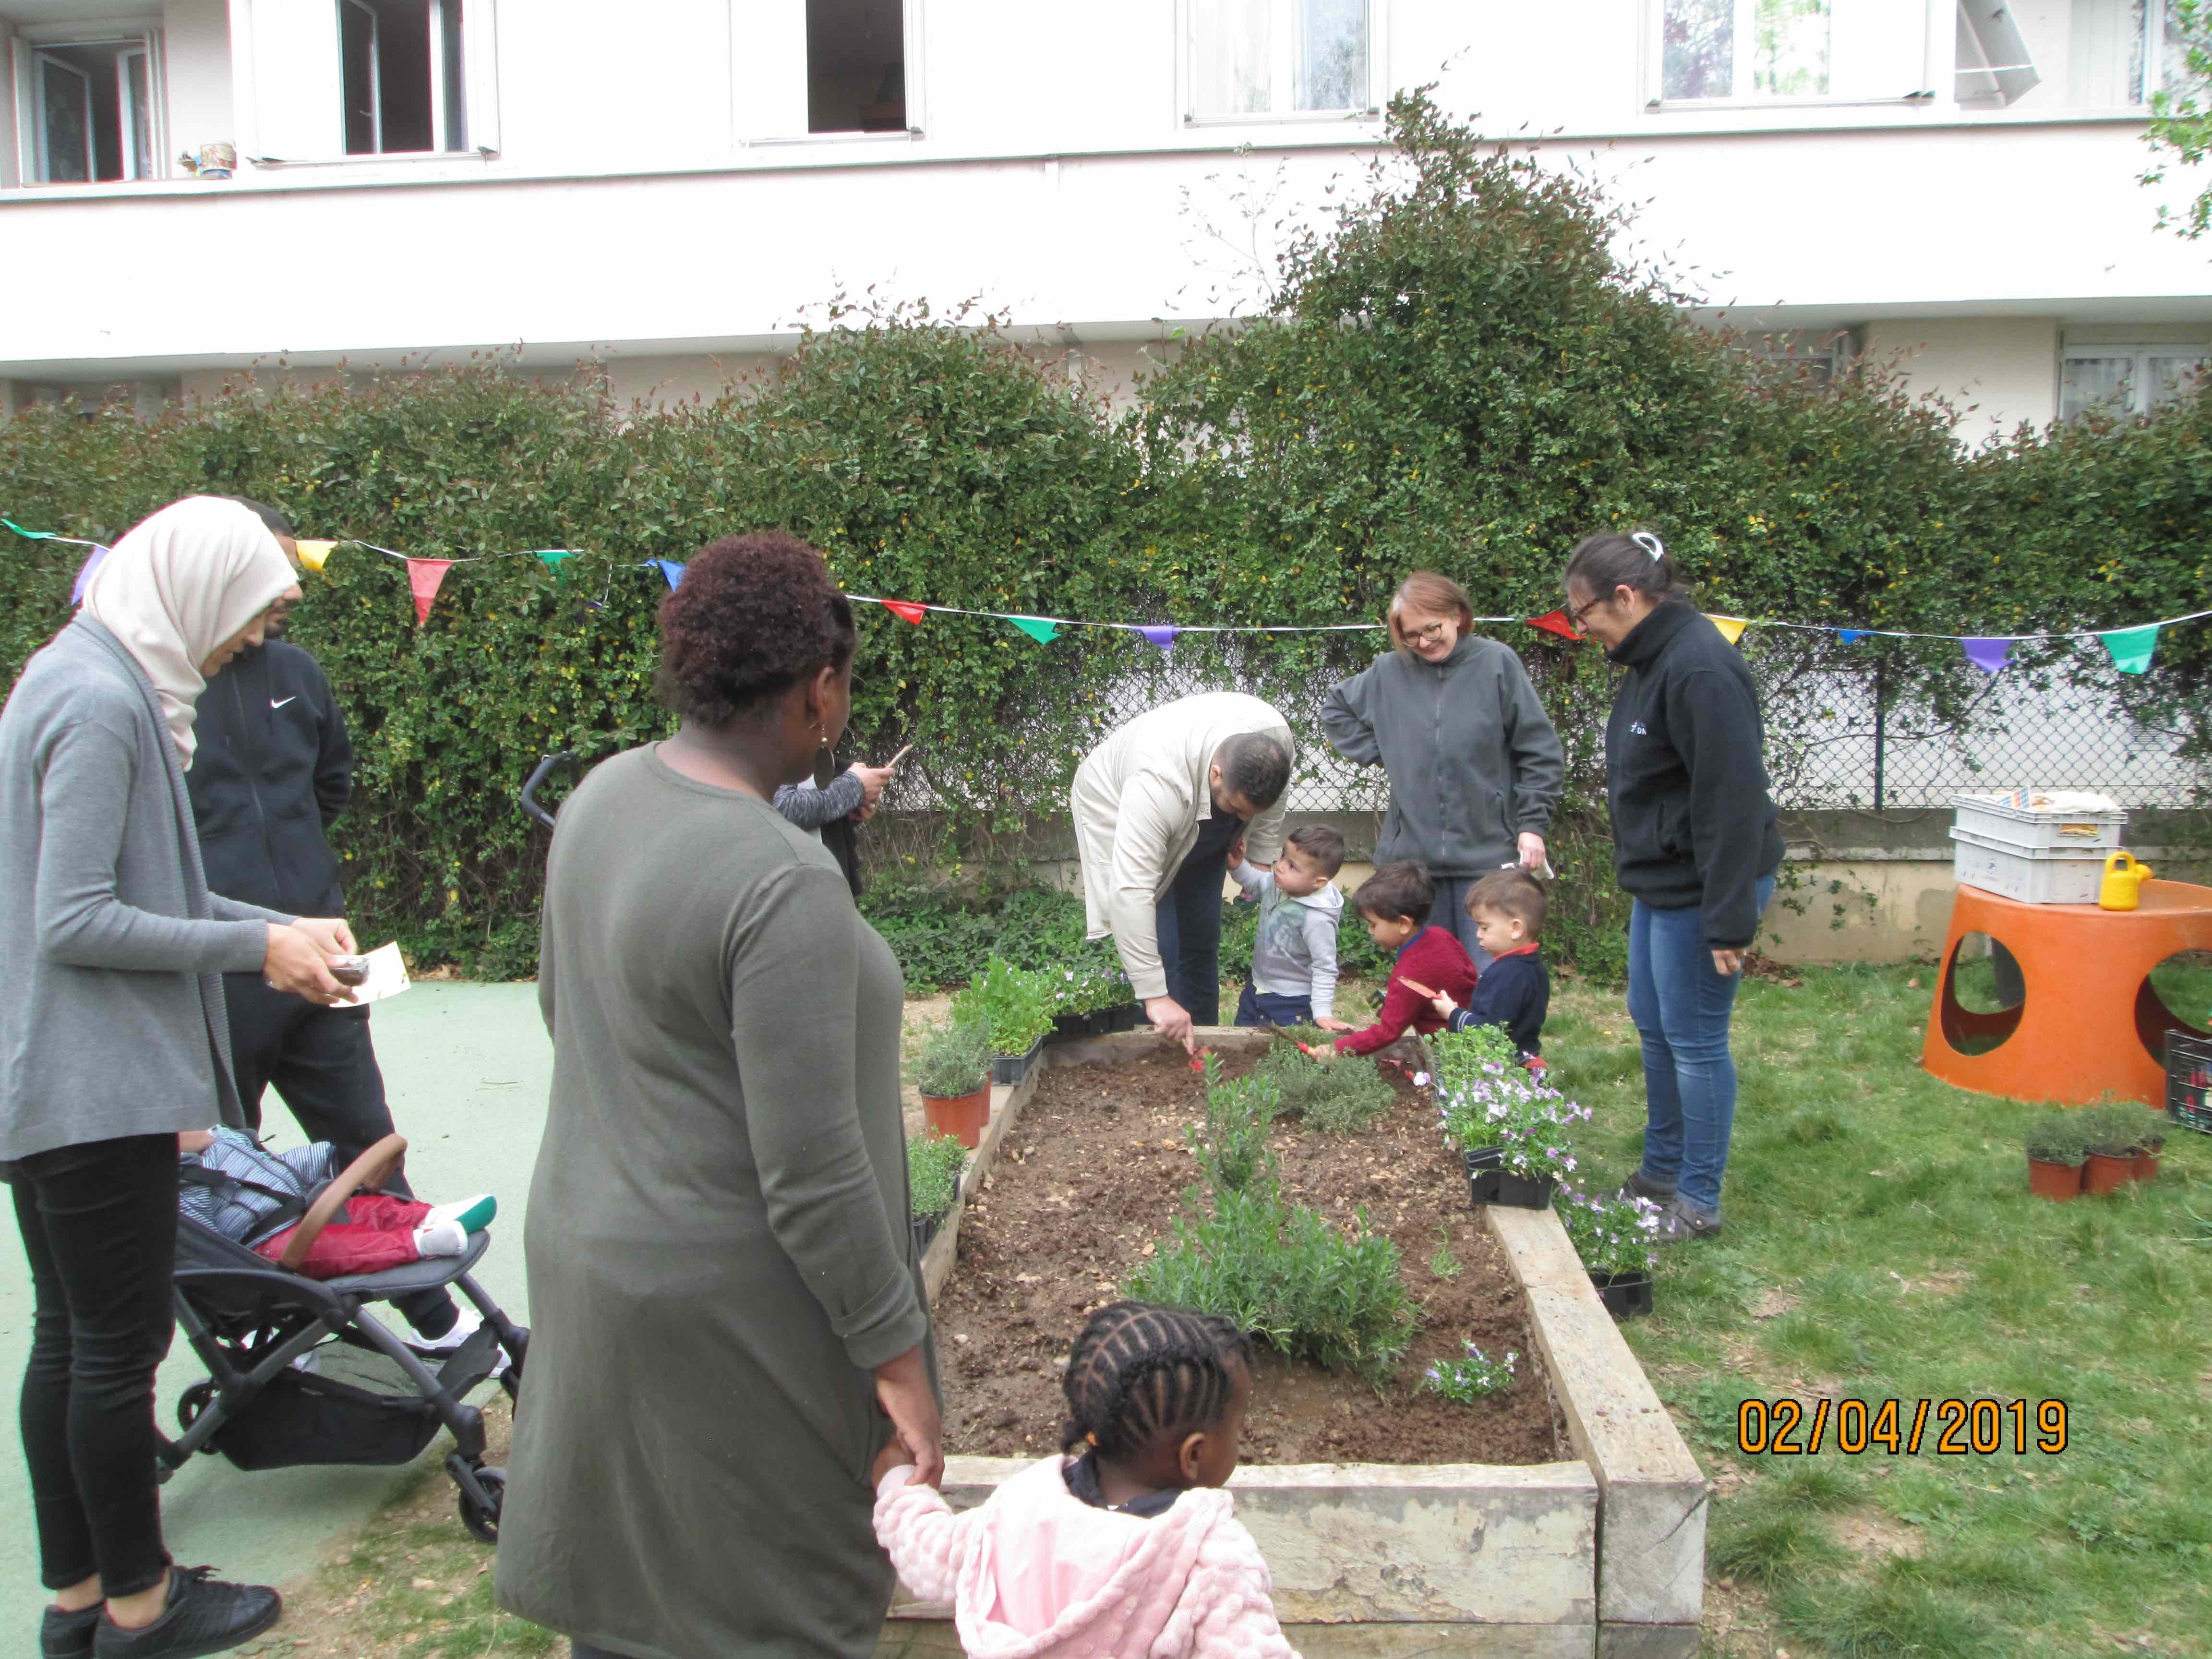 jardinage avec les aprents à lyon